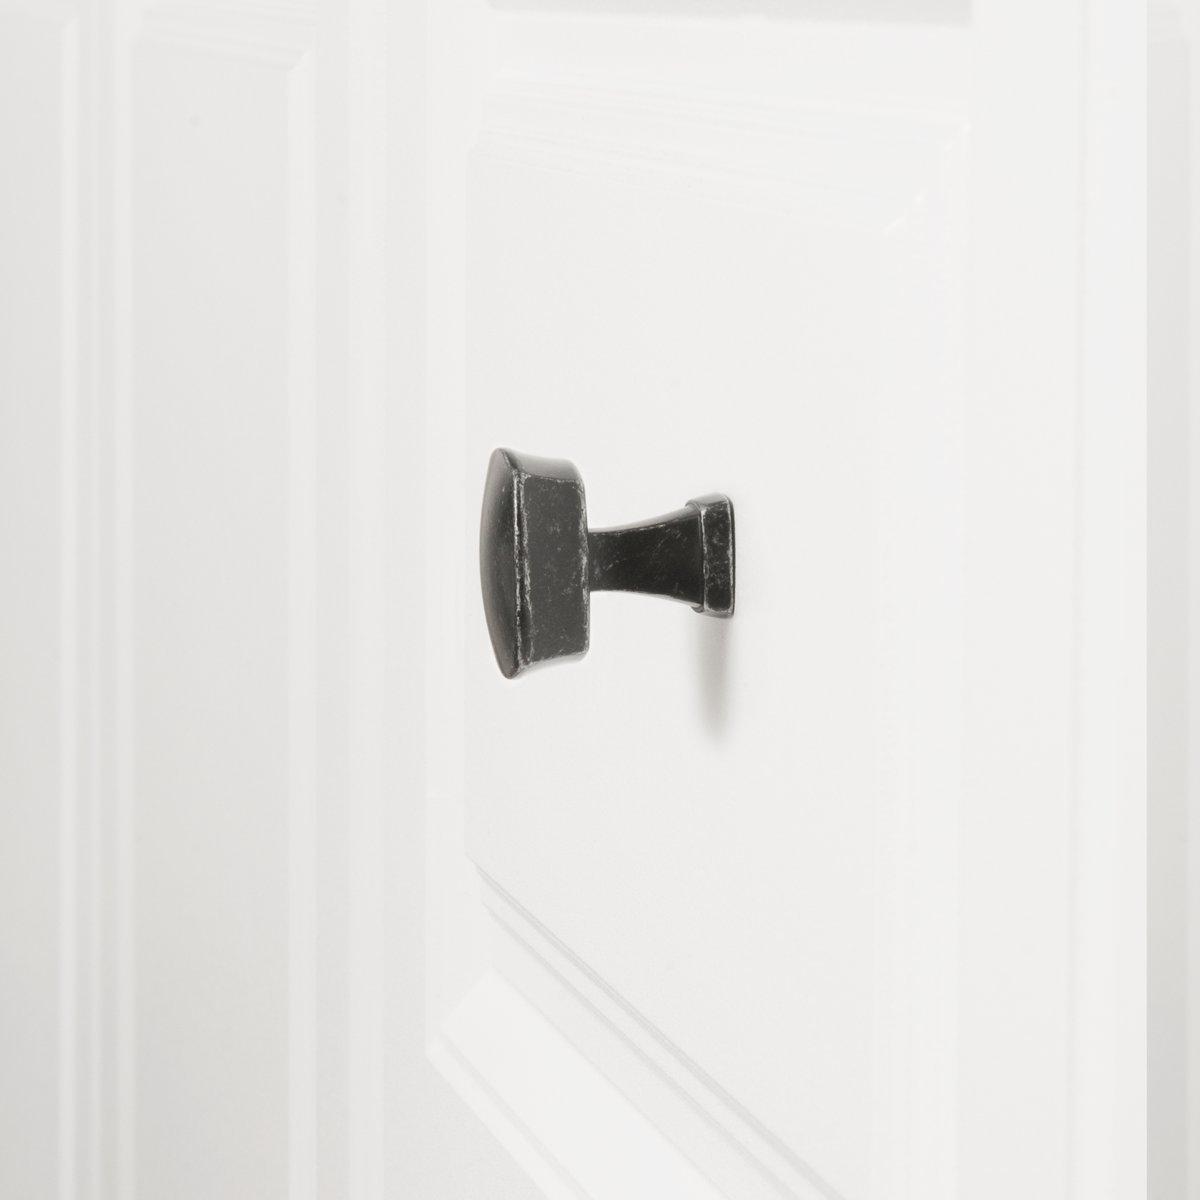 Pomo de armario redondo y cuadrado Paquete de 10 Basics Negro liso 3,2 cm de di/ámetro